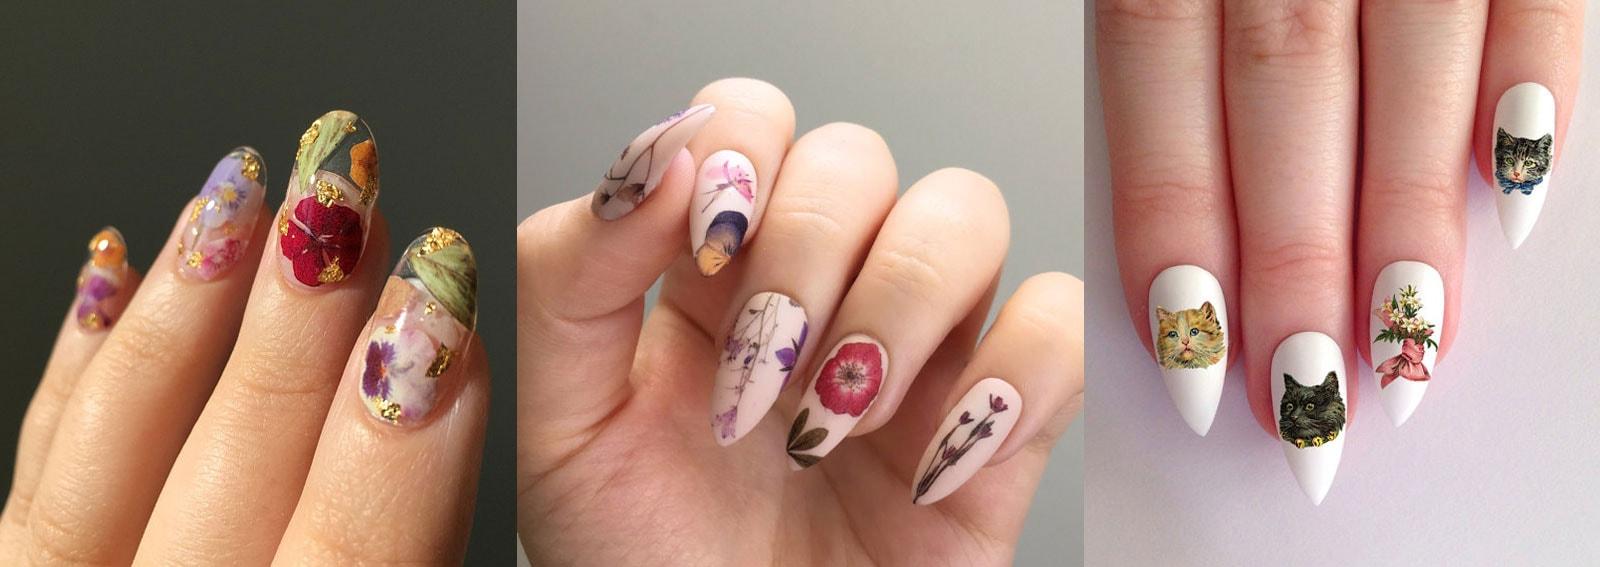 unghie-con-i-fuori-nail-art-manicure-COVER-DESKTOP-01